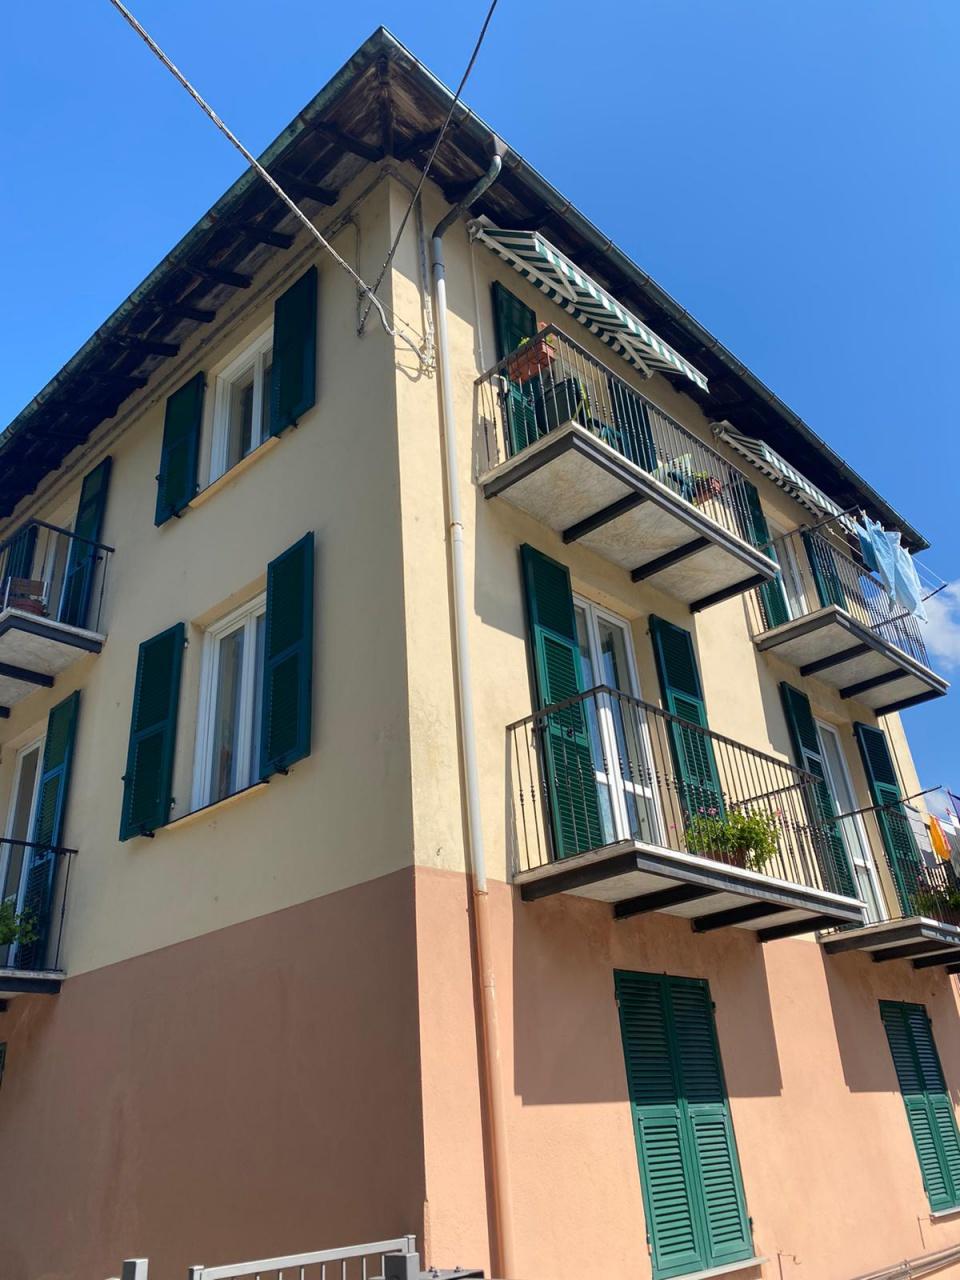 Attico / Mansarda in vendita a Savignone, 6 locali, prezzo € 129.000 | PortaleAgenzieImmobiliari.it